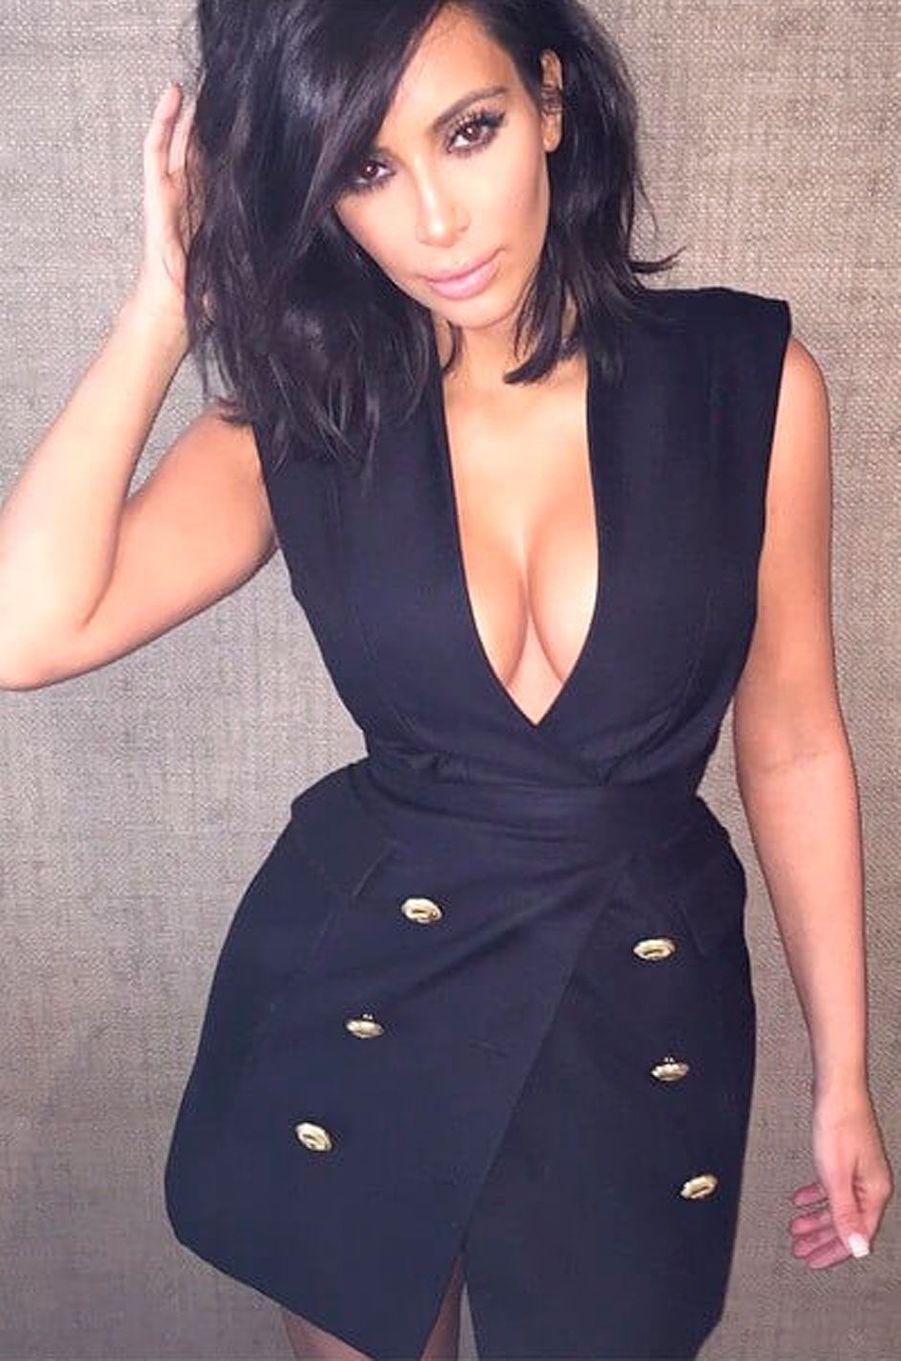 Kim Kardashian a construit un empire autour de l'exhibition de sa vie